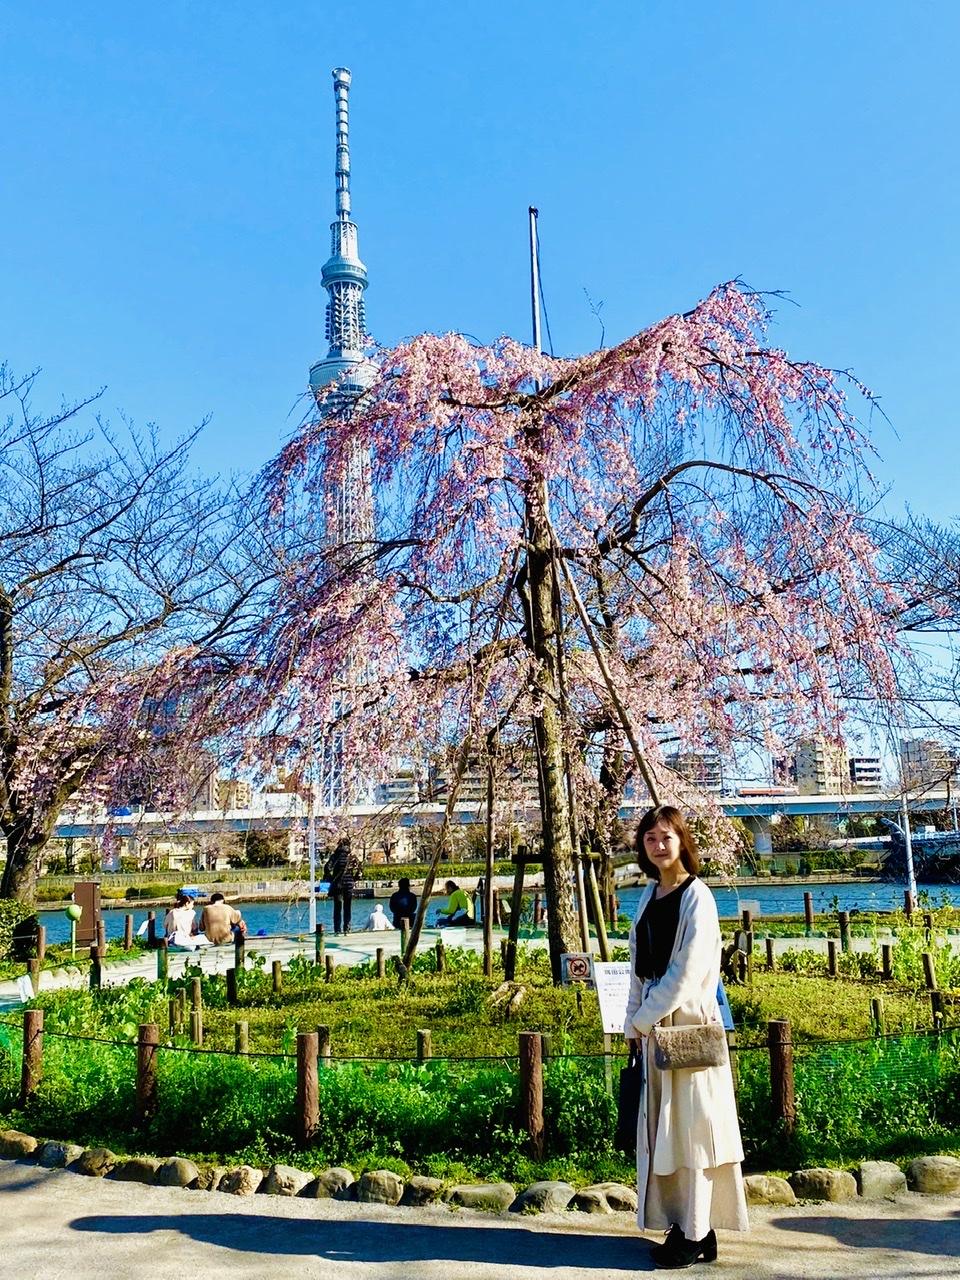 【隅田公園】お花見絶景スポット発見!《桜×東京スカイツリー》のコラボが映え度抜群♡_8